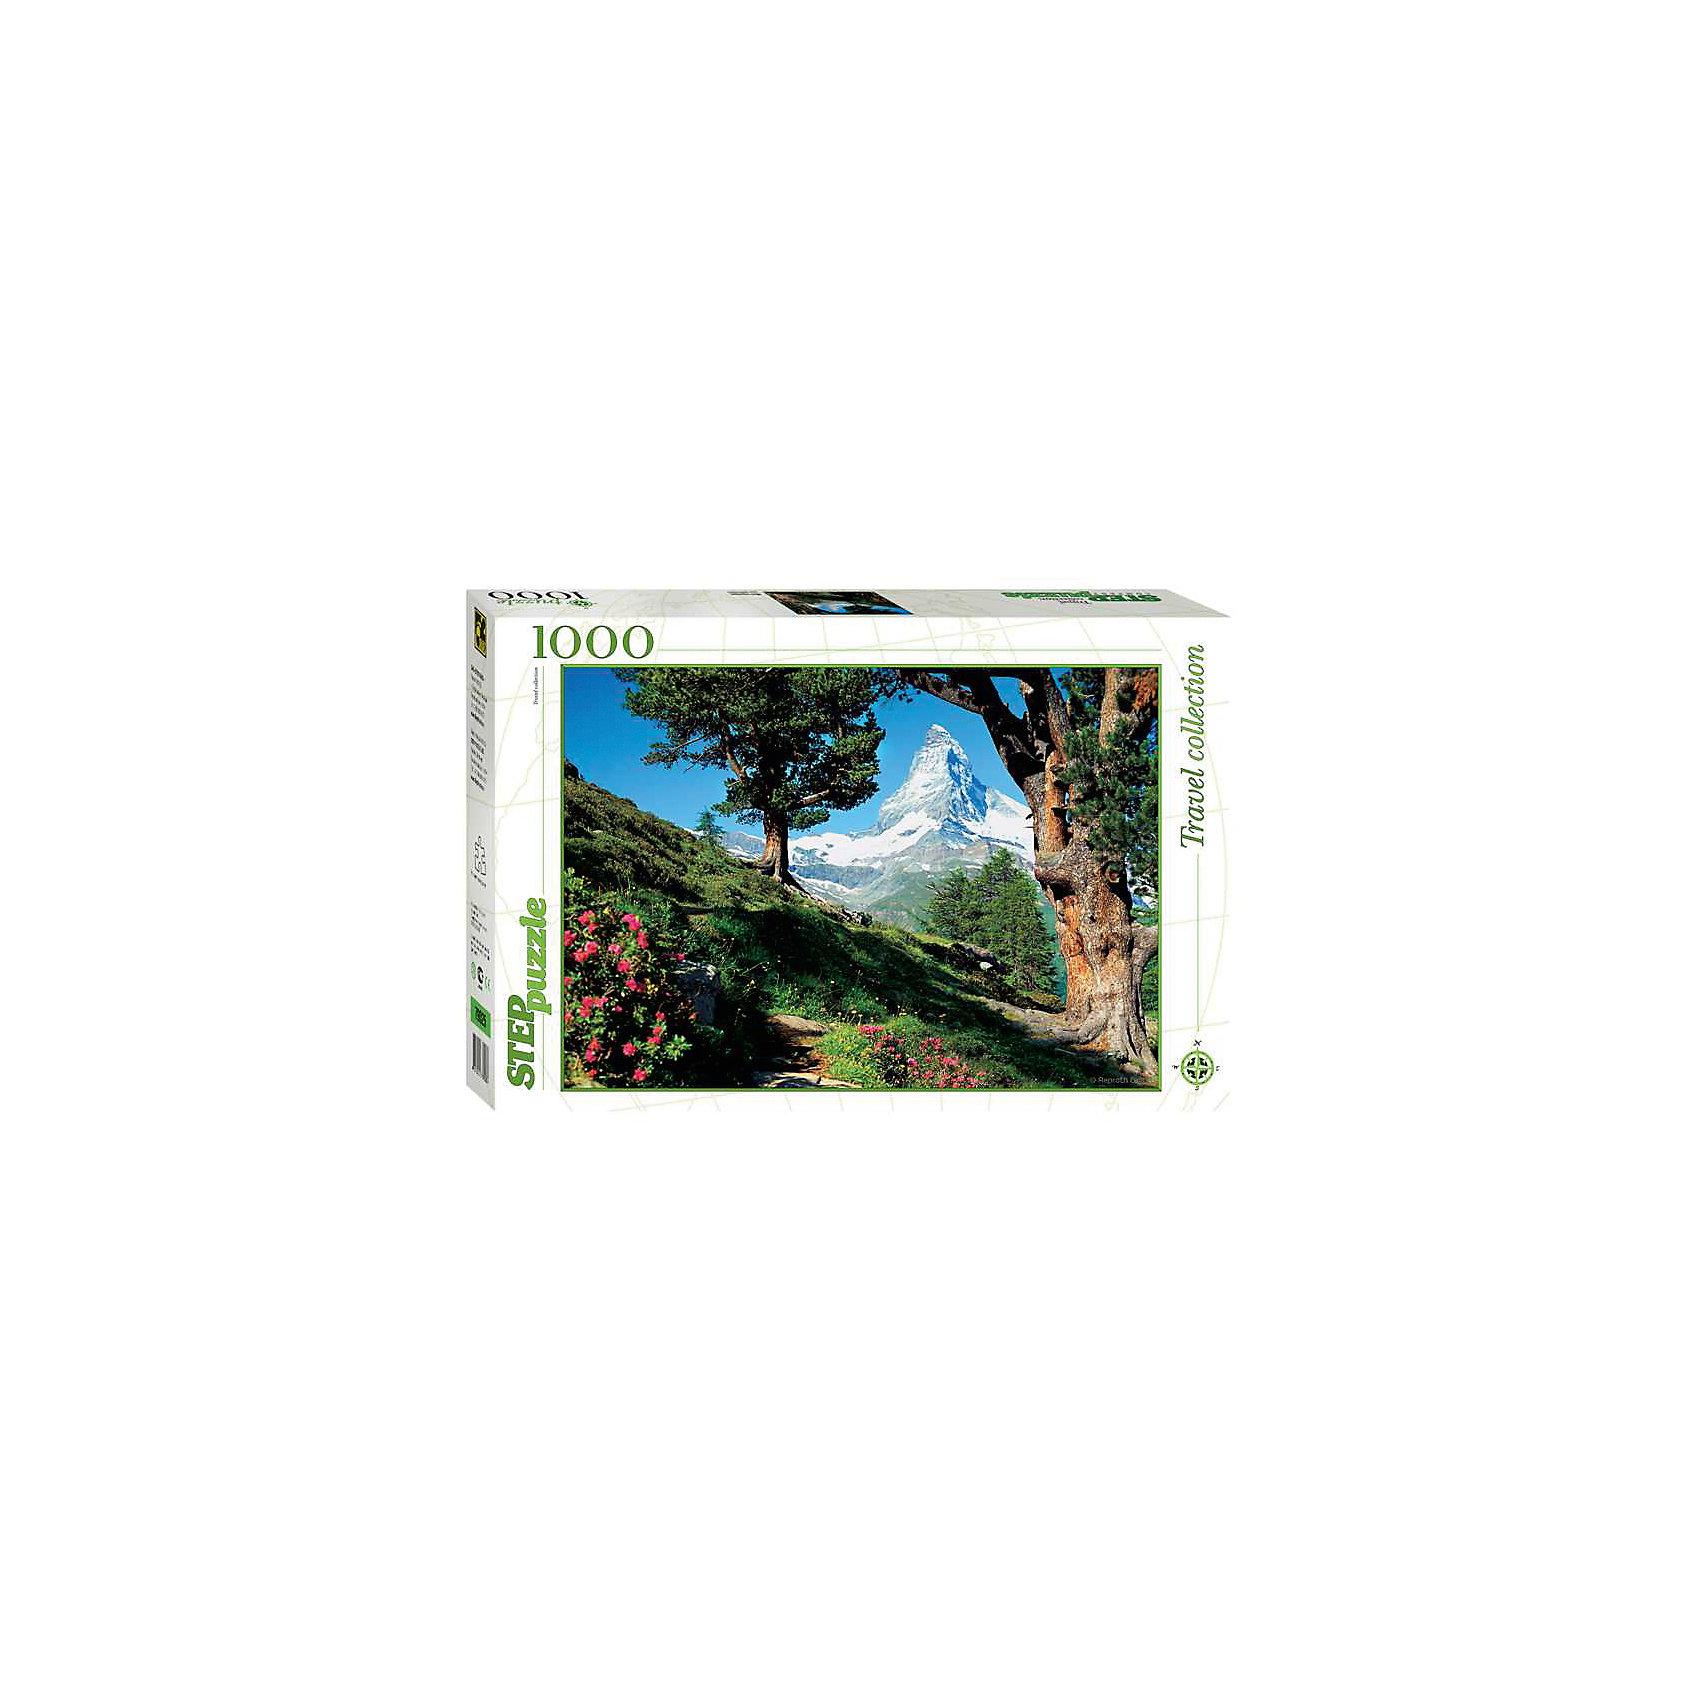 Пазл Маттерхорн, 1000 деталей, Step PuzzleПазл Маттерхорн, 1000 деталей, Step Puzzle (Степ Пазл) – это коллекционный подарочный пазл из серии «Travel Collection».<br>Сюжетом этого пазла является красивейший альпийский пейзаж, изображающий знаменитый пик Маттерхорн. Маттерхорн – это впечатляющая гора в форме остроконечной четырехгранной пирамиды. Крутые склоны Маттерхорна, величественно возвышающиеся на высоту 4478 метров, долгое время вселяли страх перед альпинистами. В 1865 году было совершено первое восхождение на этот пик. Собирается картина из 1000 аккуратно вырезанных элементов. Благодаря великолепному качеству исполнения, высокой точности в подгонке деталей, плотности картона, а также высокой контрастности, во время сборки у вас не возникнет абсолютно никаких затруднений. Получившаяся картина впишется в любой интерьер. Рекомендуется приобрести специальный клей для пазлов, который скрепит пазл, придаст ему сходство с цельной картиной.<br><br>Дополнительная информация:<br><br>- Количество деталей: 1000<br>- Материал: картон<br>- Размер собранной картины: 68х48 см.<br>- Отличная проклейка<br>- Детали идеально подходят друг другу<br>- Упаковка: картонная коробка<br>- Размер упаковки: 400x55x270 мм.<br>- Вес: 600 гр.<br><br>Пазл Маттерхорн, 1000 деталей, Step Puzzle (Степ Пазл) можно купить в нашем интернет-магазине.<br><br>Ширина мм: 400<br>Глубина мм: 55<br>Высота мм: 270<br>Вес г: 600<br>Возраст от месяцев: 84<br>Возраст до месяцев: 192<br>Пол: Унисекс<br>Возраст: Детский<br>SKU: 4588262